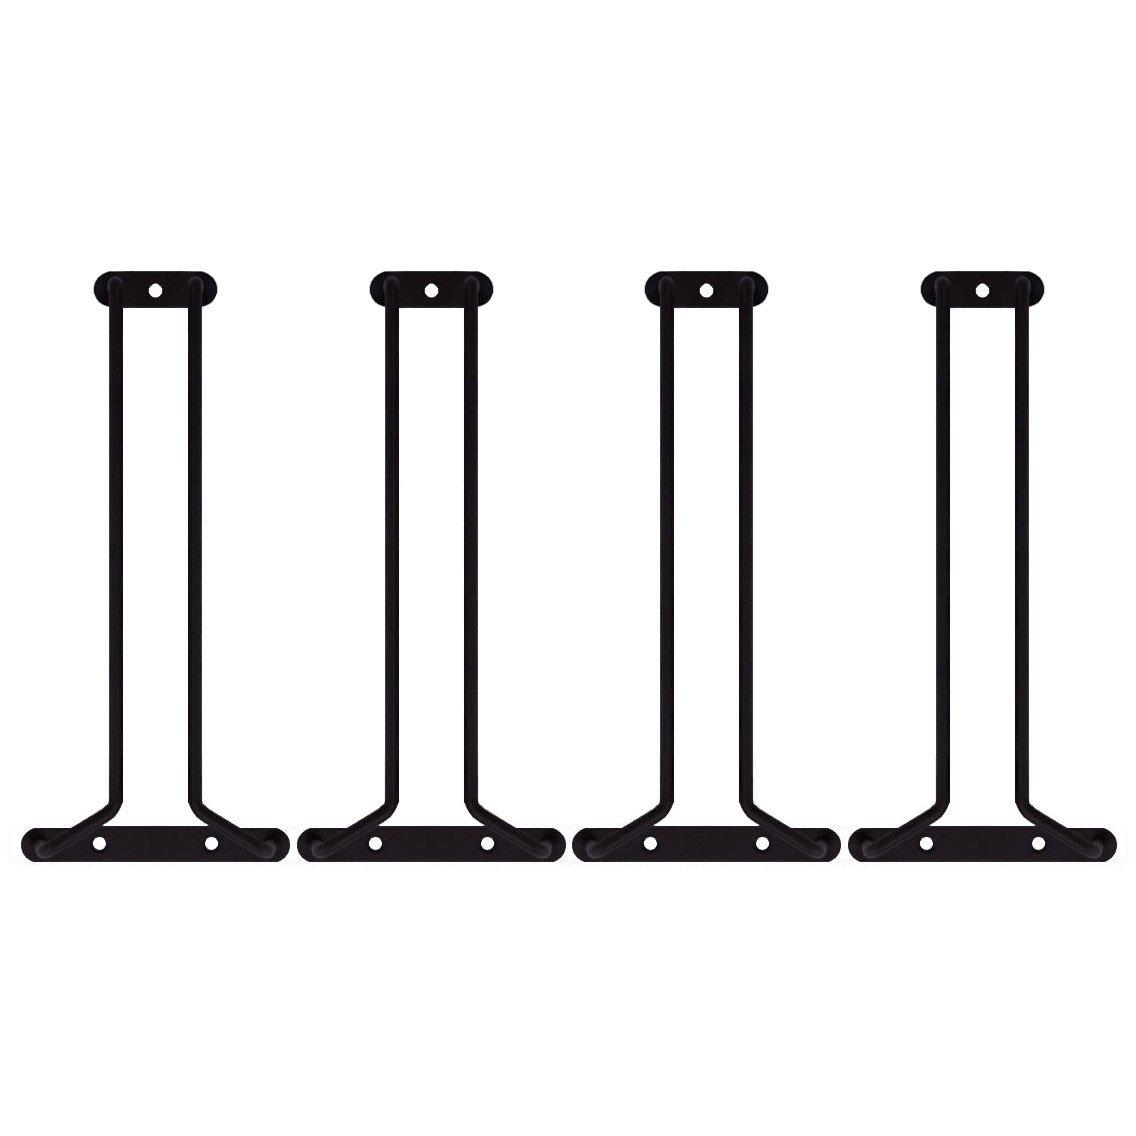 KegWorks Stemware Glass Hanger Racks - Oil Rubbed Bronze - 10'' L - Set of 4